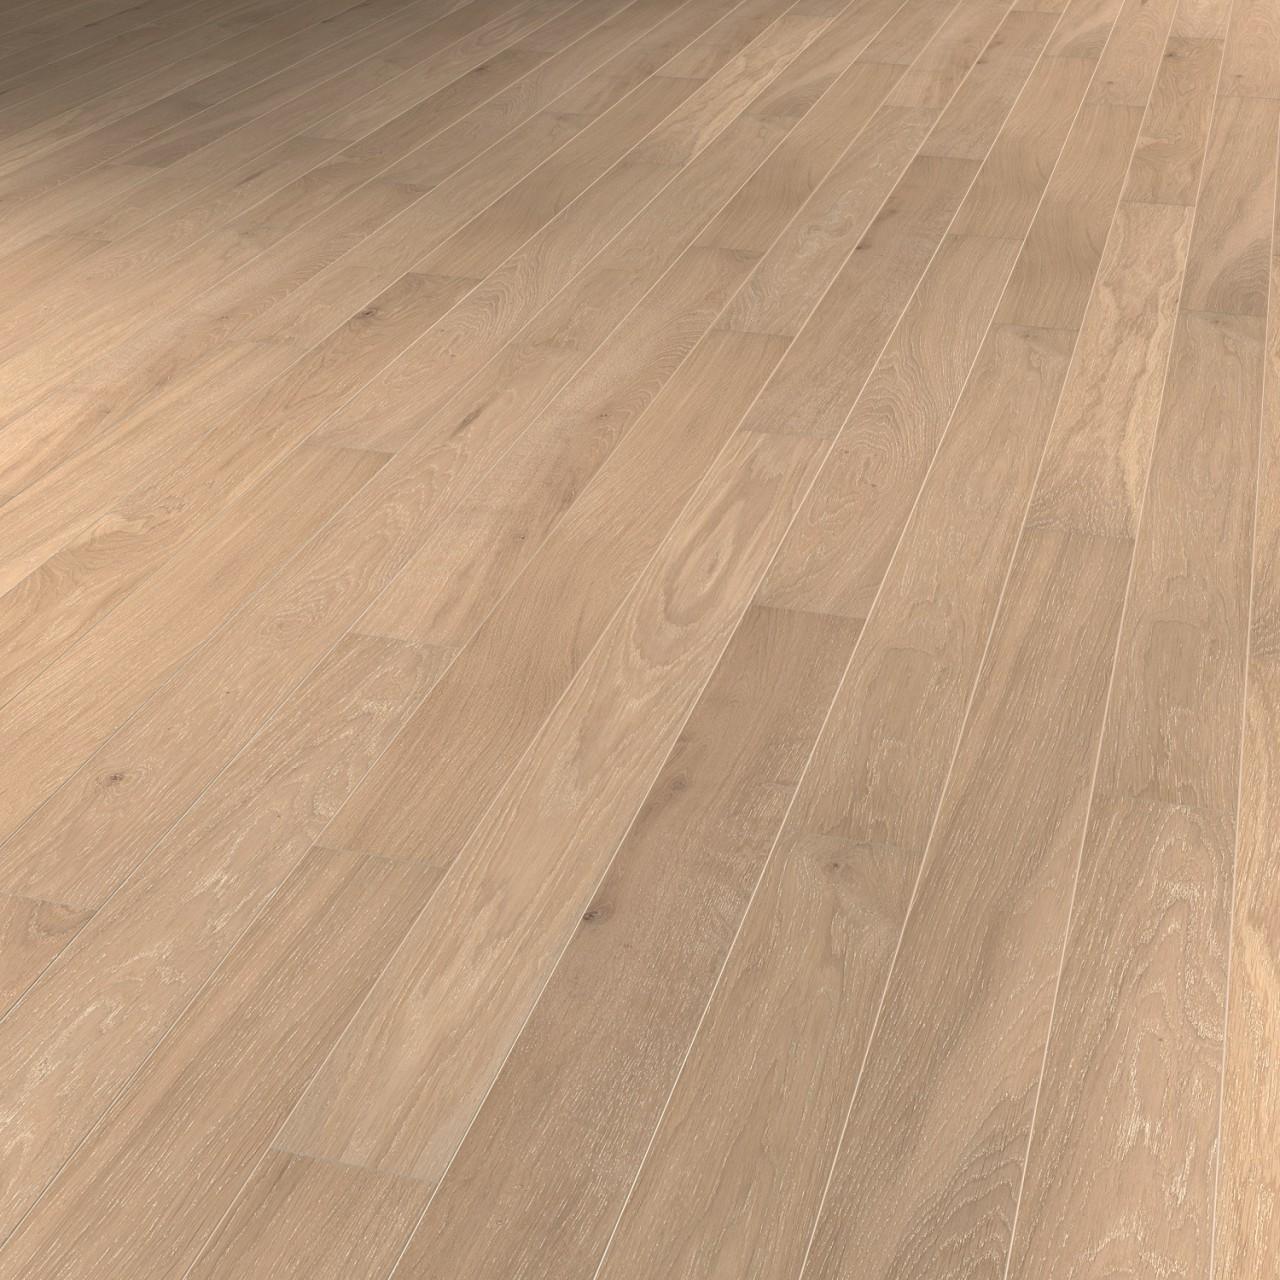 TER HÜRNE Parkett Eiche grauweiß Landhausdiele gekälkt mattlackiert | Pure Collection | 24 m²